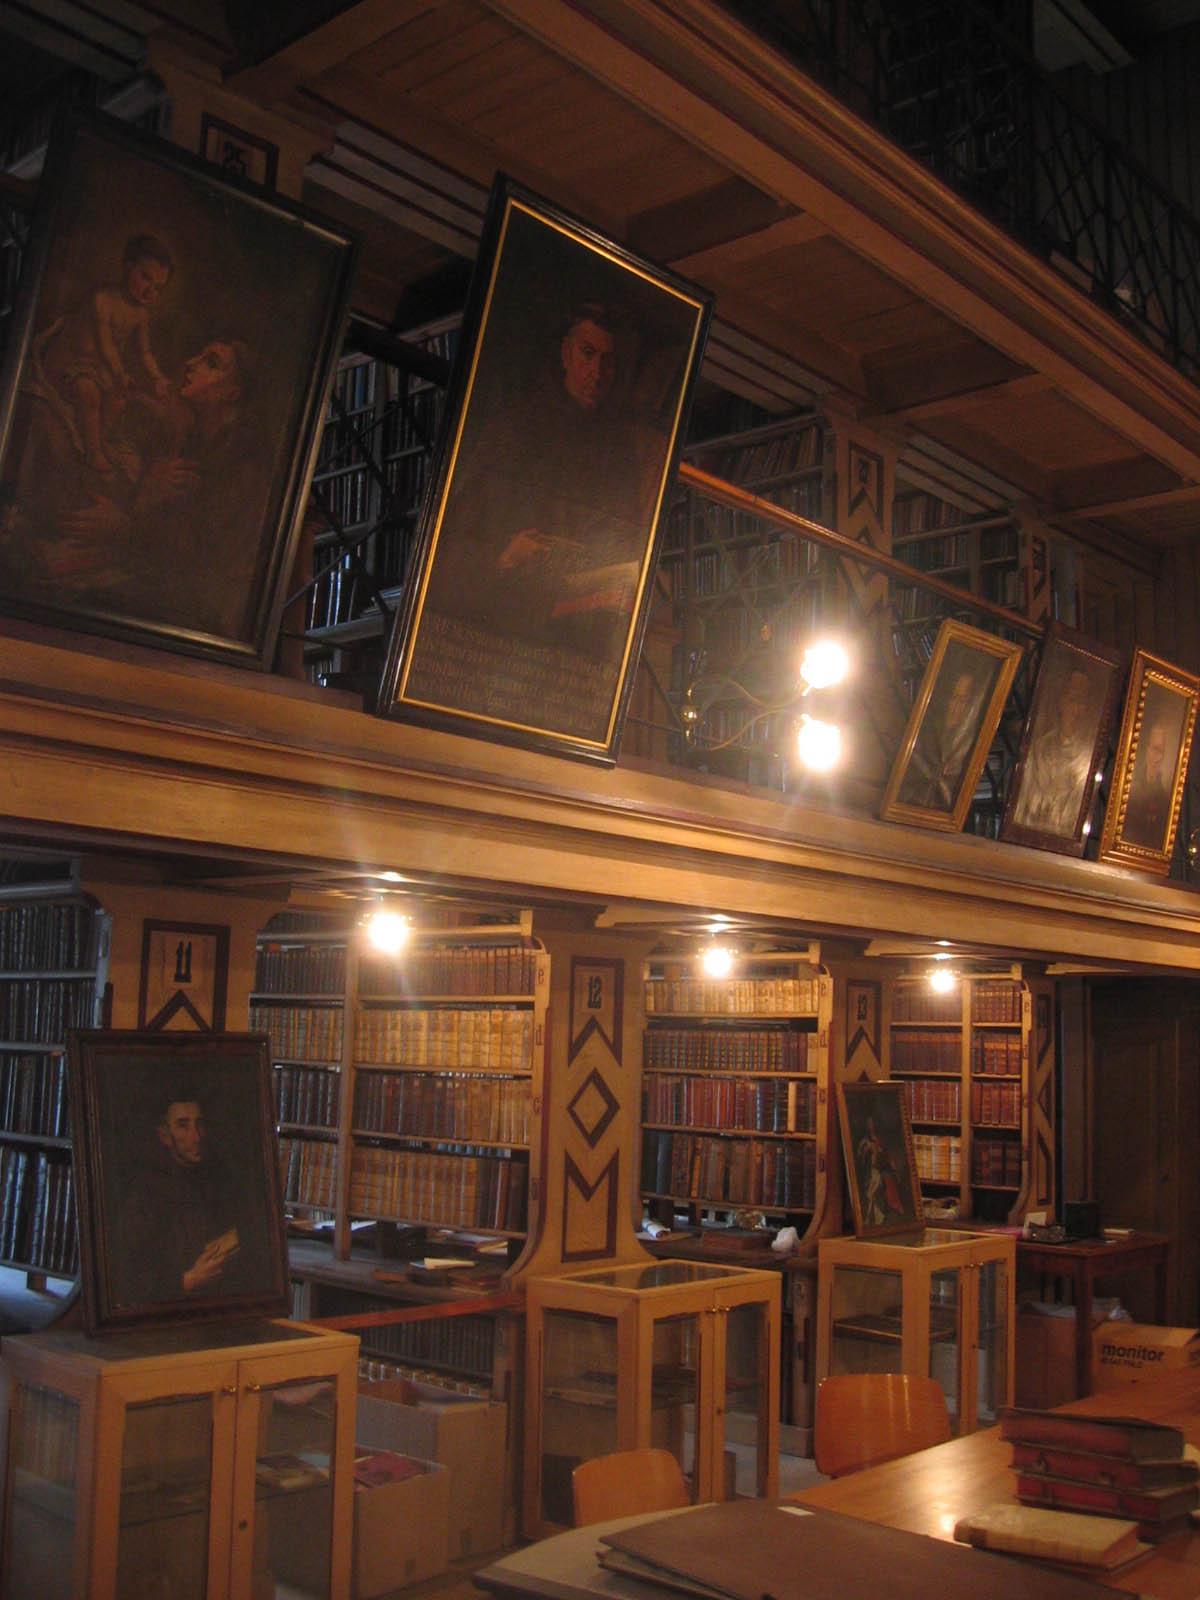 FRANCISCANIAN LIBRARY LJUBLJANA